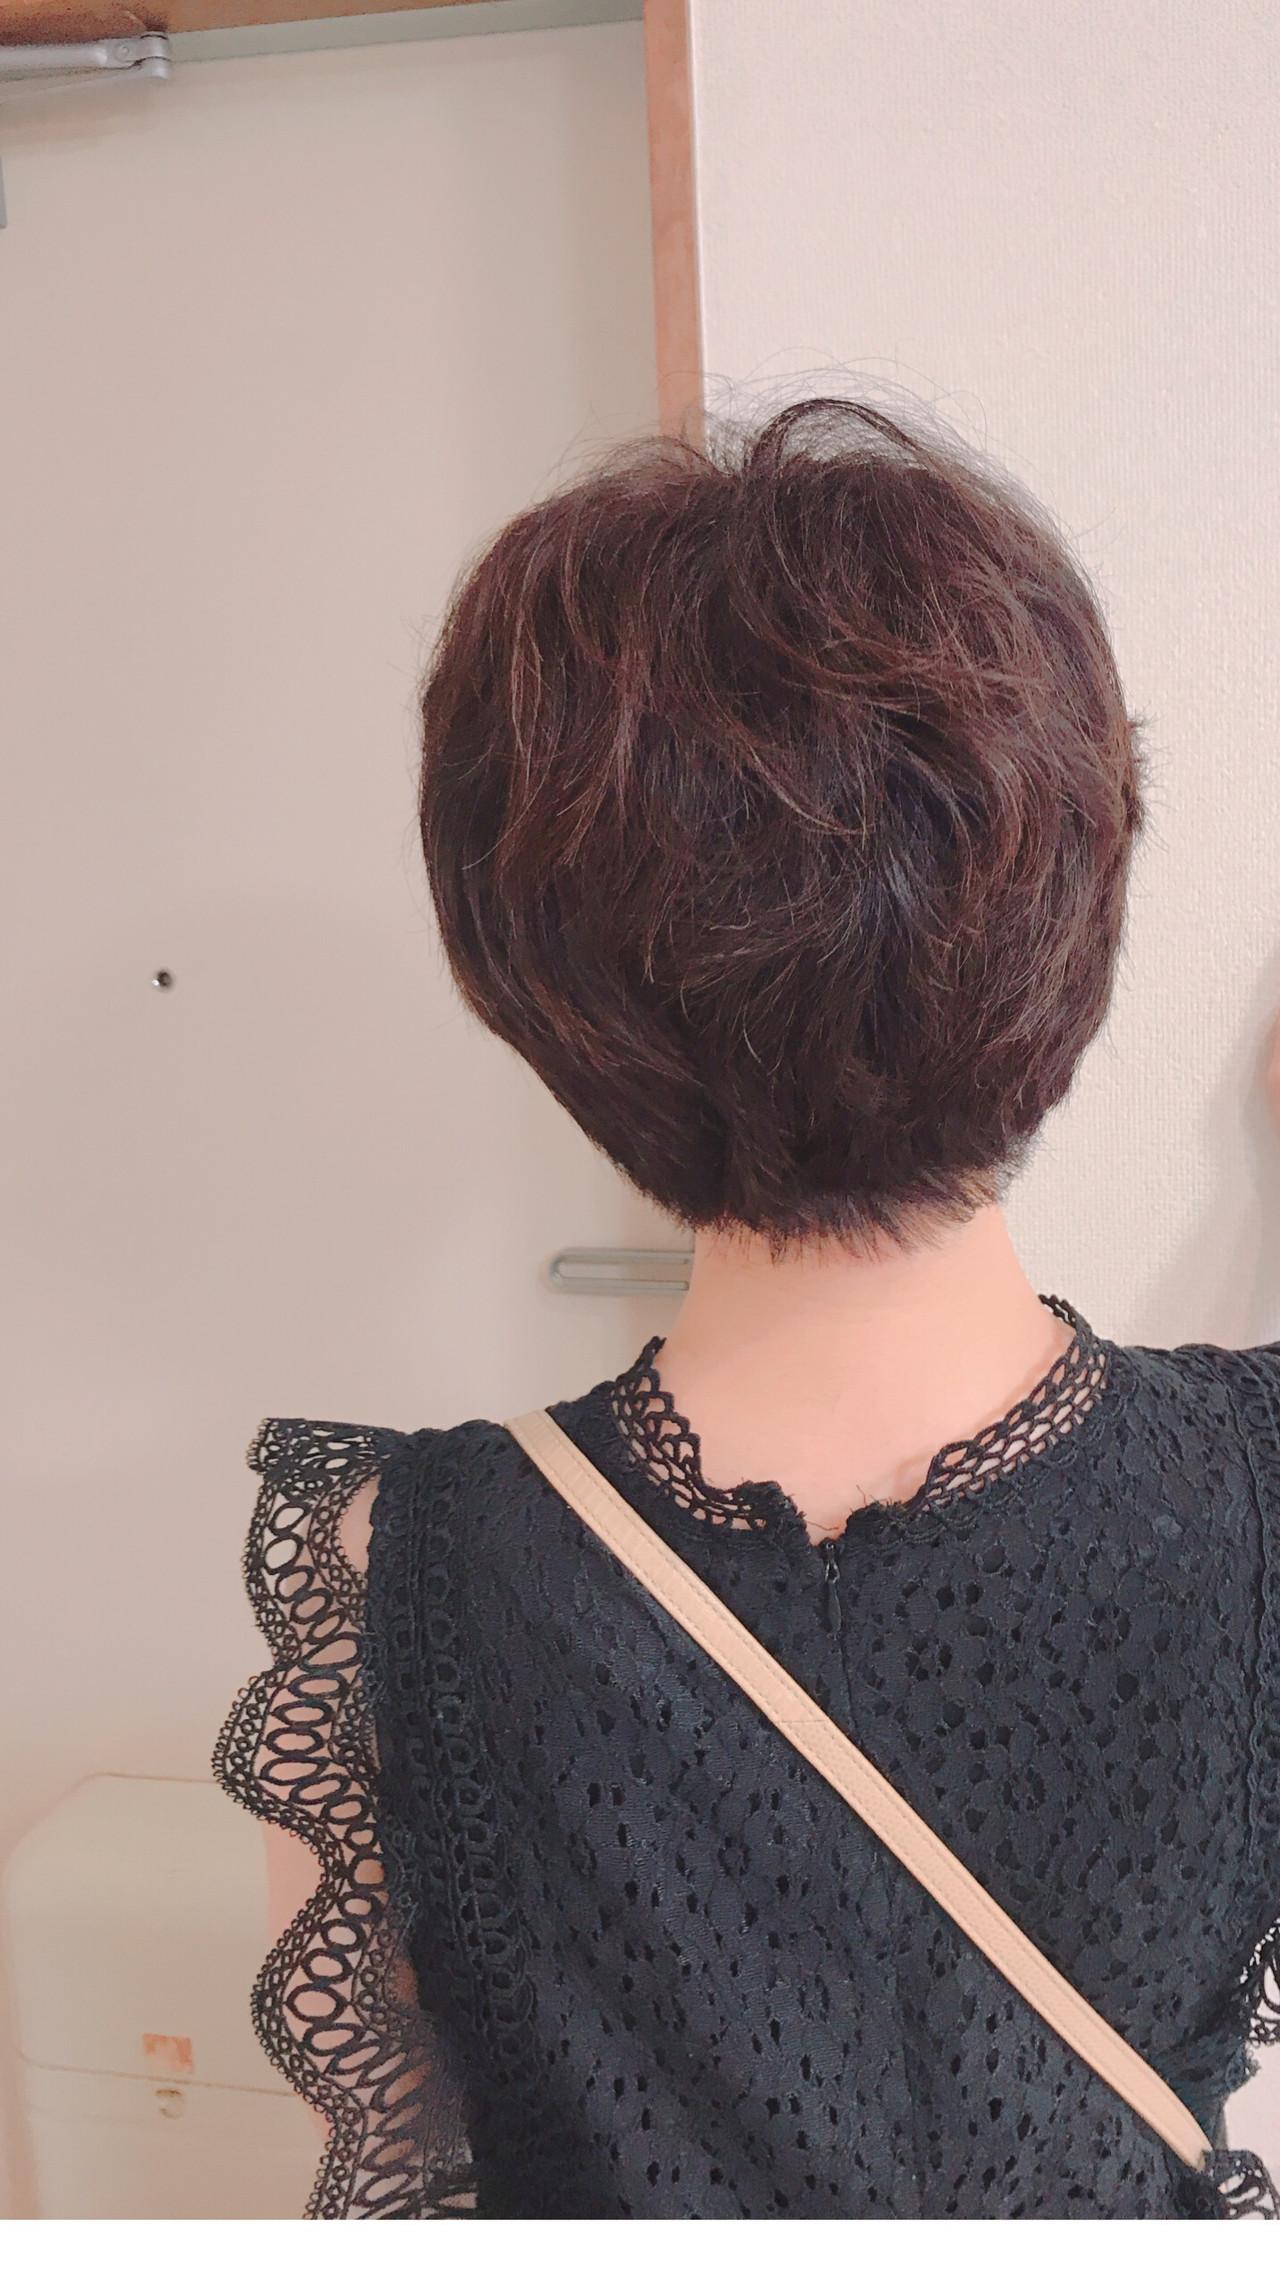 フェミニン パーマ ヘアアレンジ 結婚式 ヘアスタイルや髪型の写真・画像 | 渡部 ゆうこ / 「美forest」プライベート美容室×浅草着物レンタル